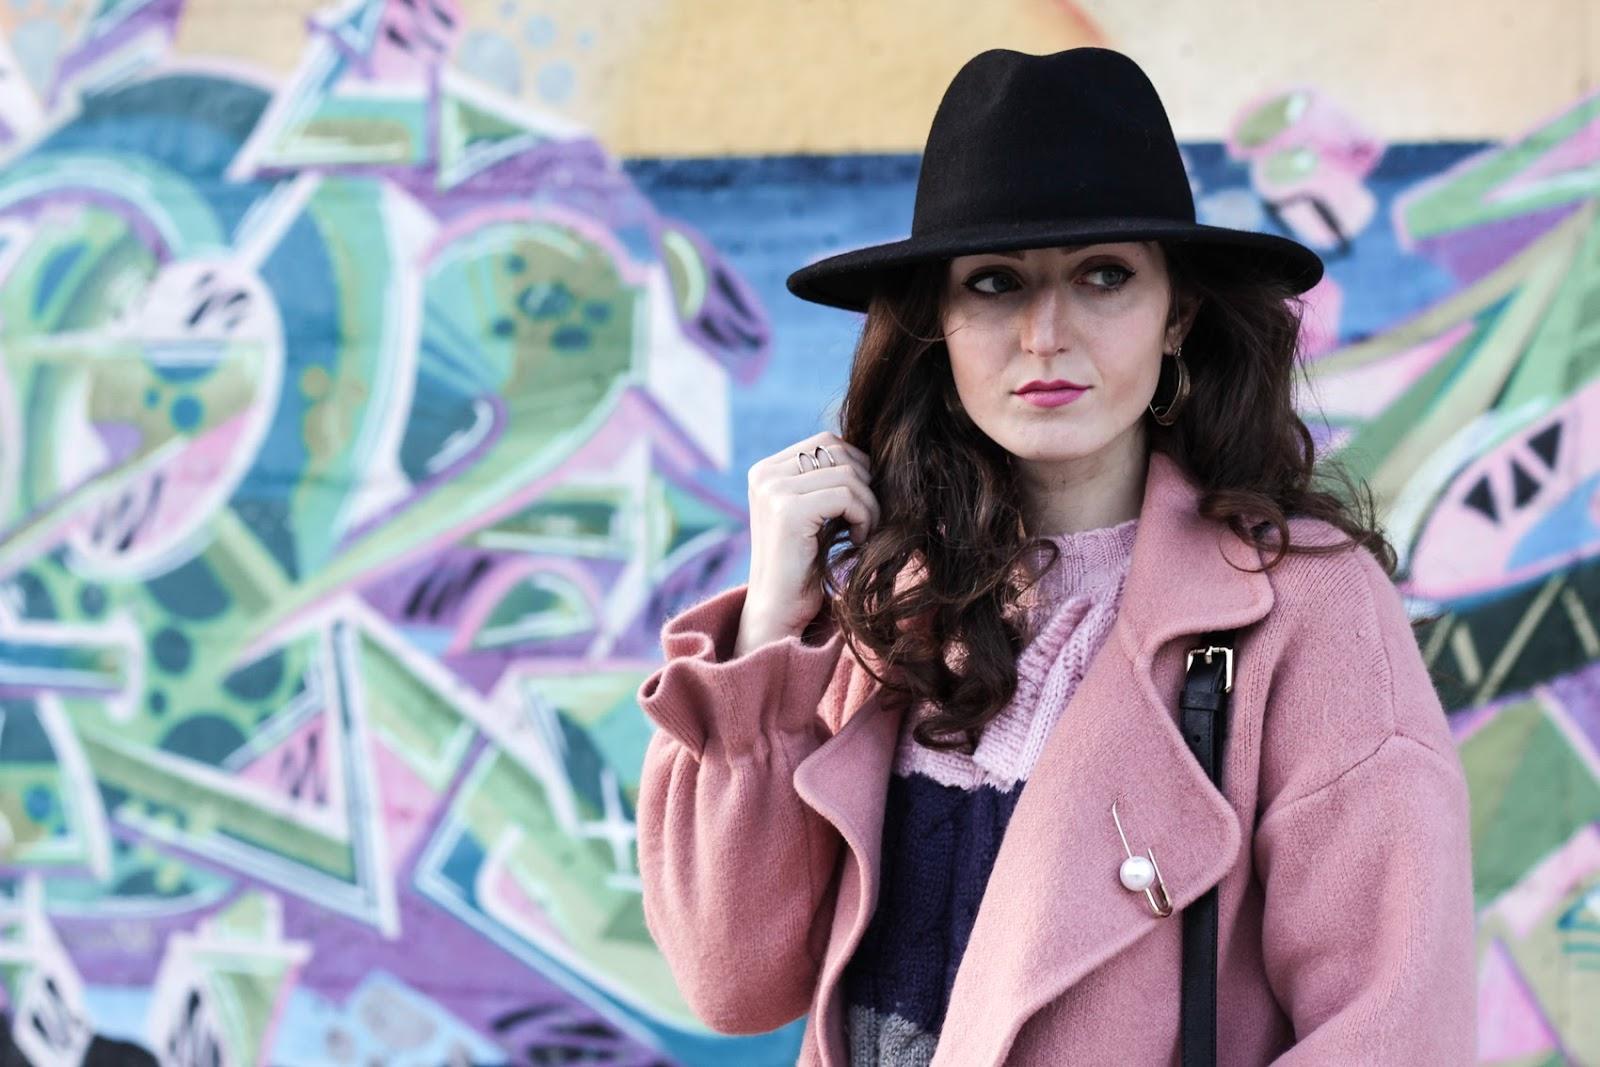 Stivaletti multicolor in inverno: il mio look vintage!